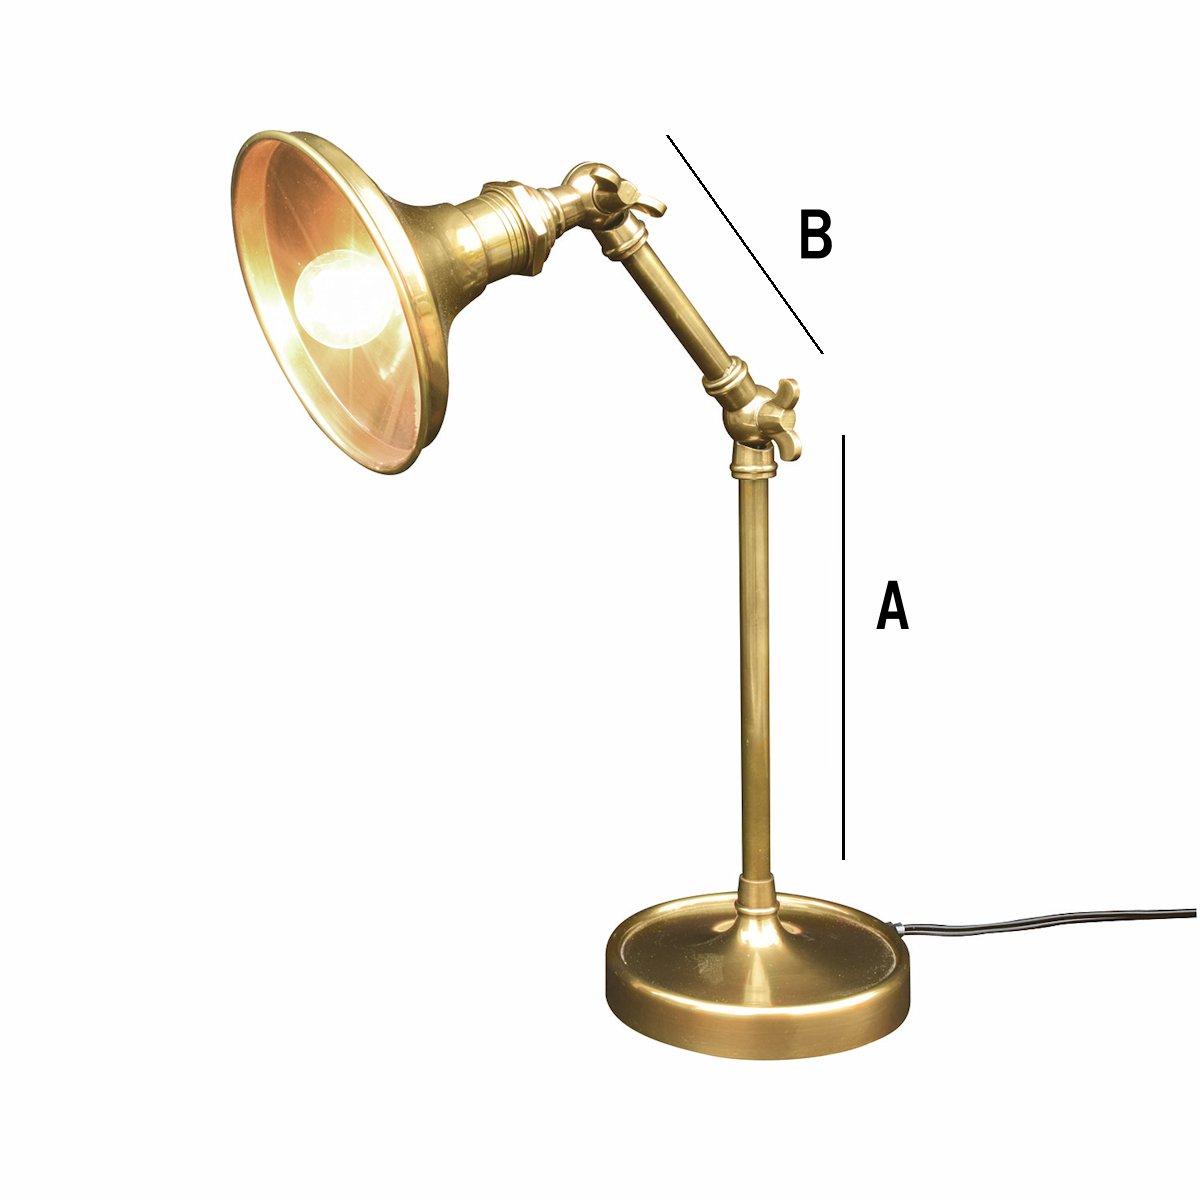 CARNAC/アンティークブラスランプシェードB/NJ24【01】【取寄】《 店舗ディスプレイ インテリア ランプ・ライト 》